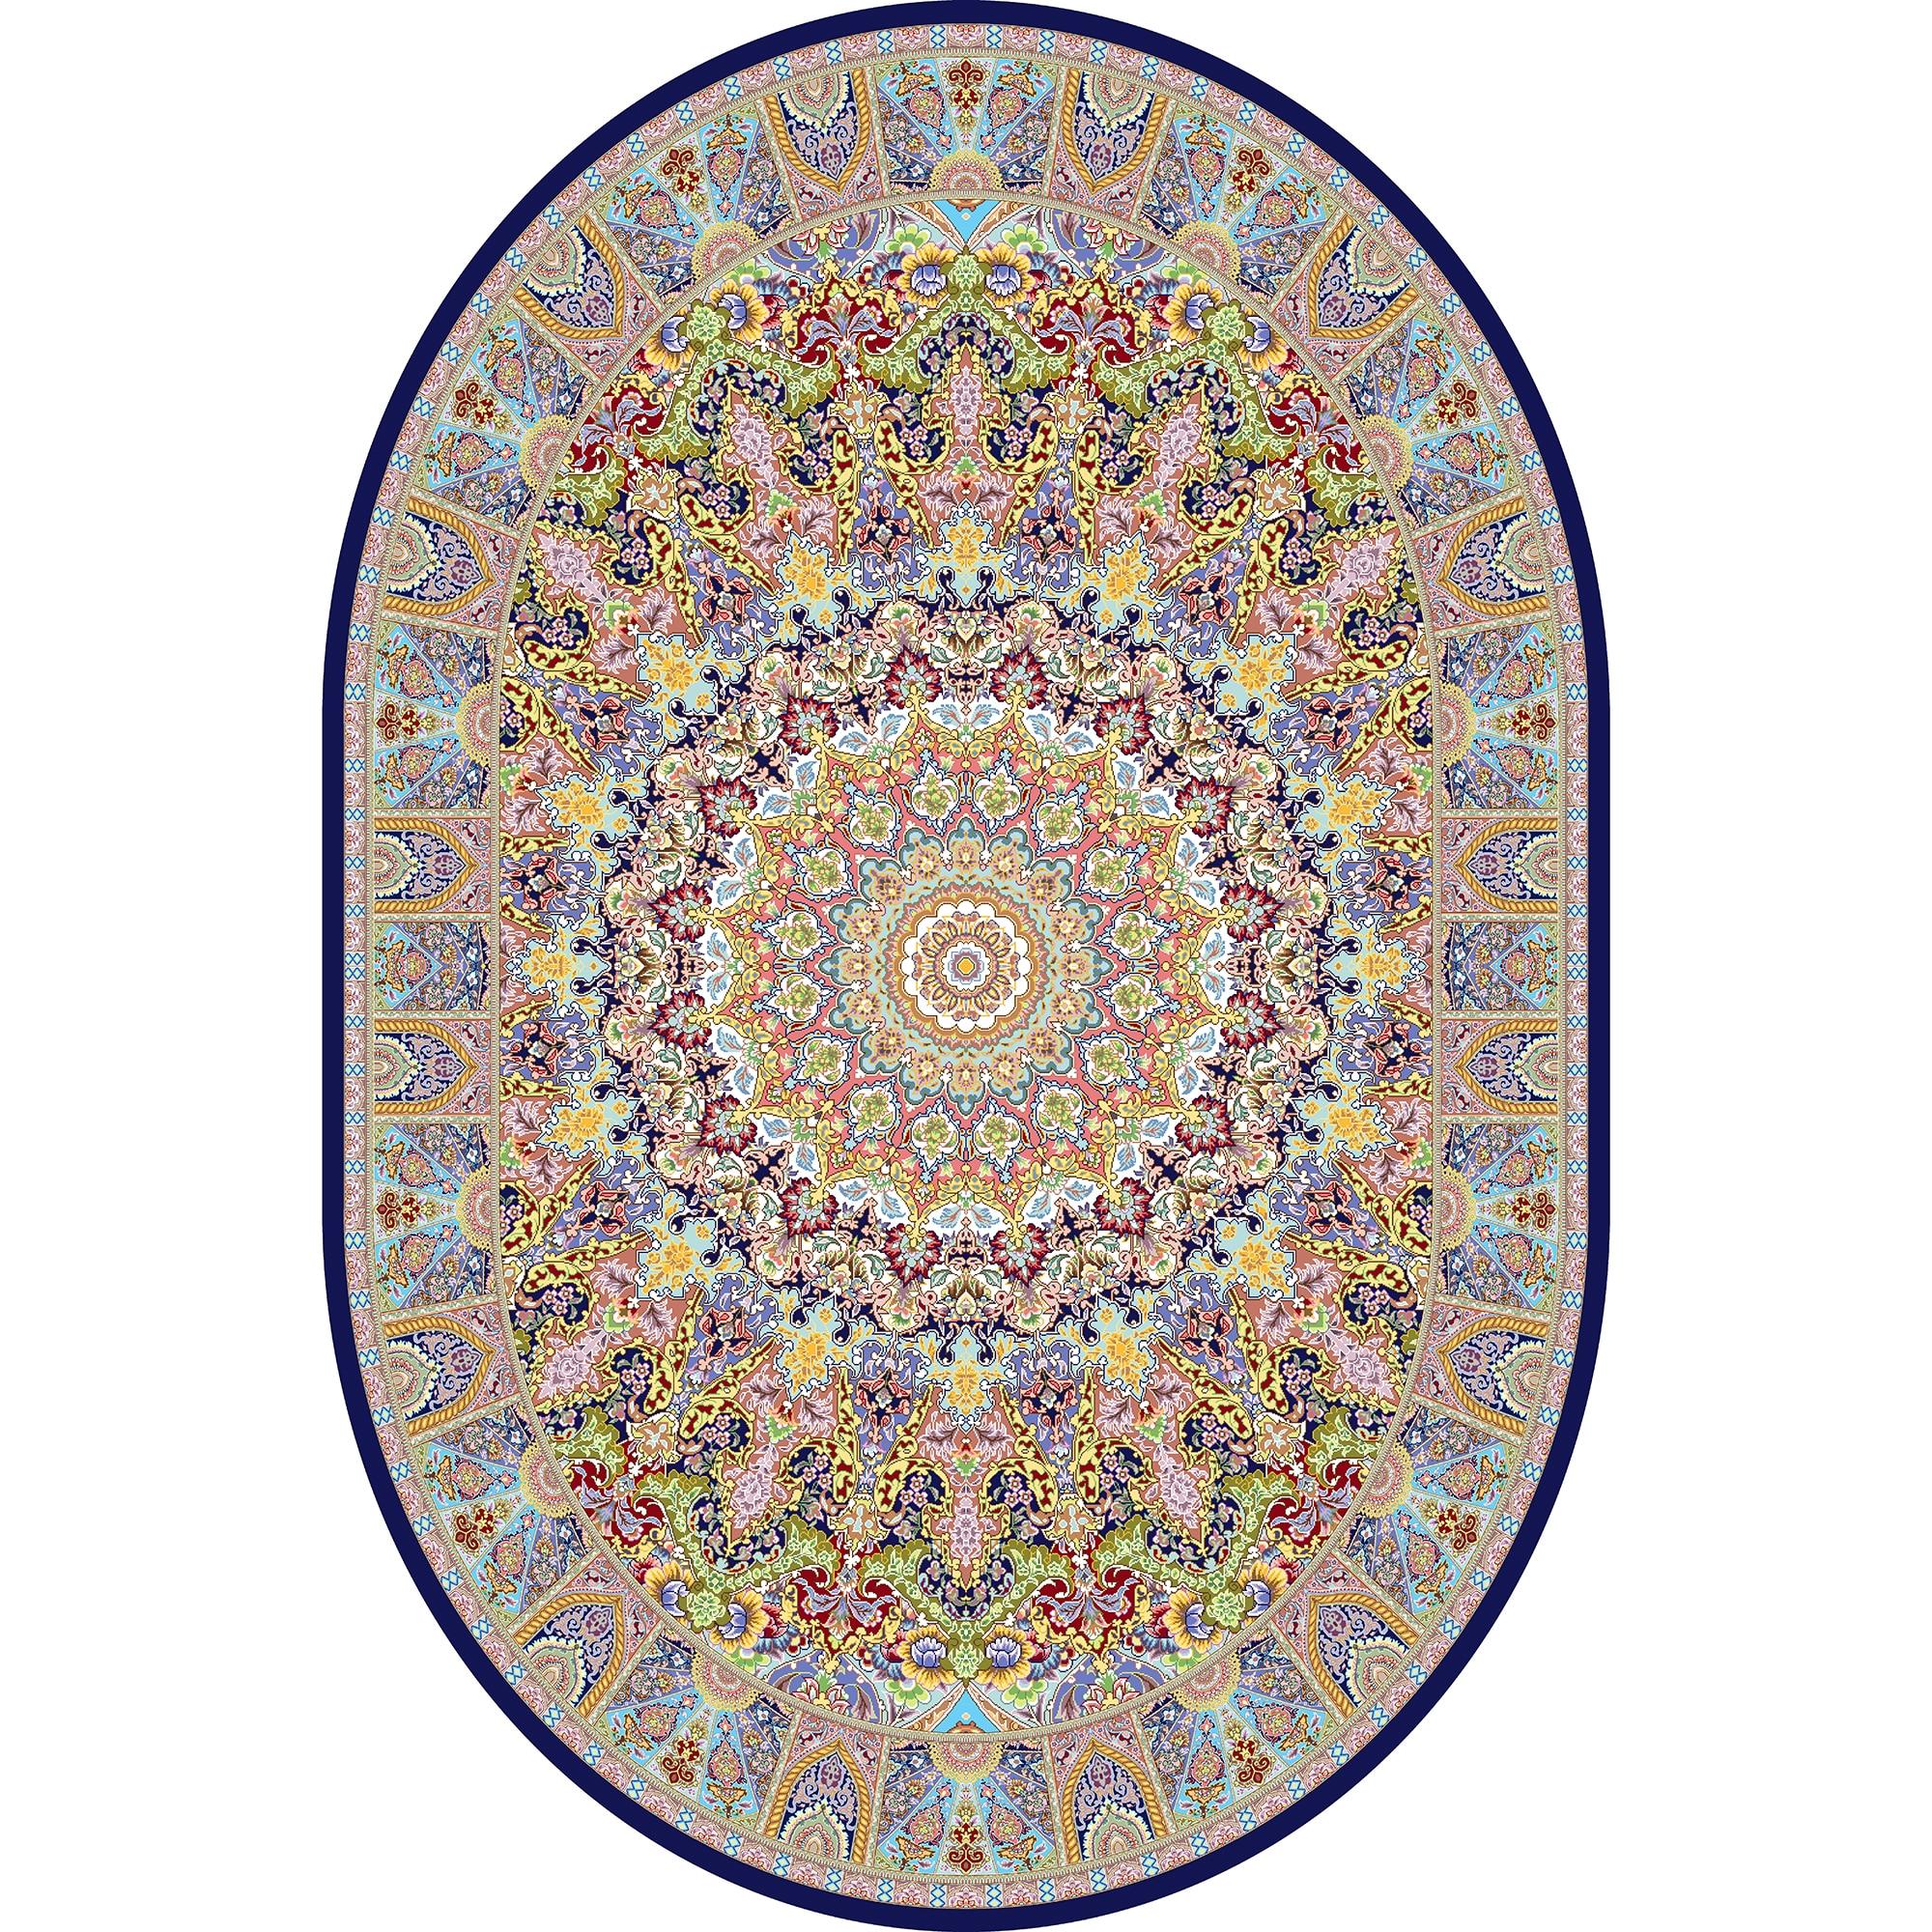 Fotografie Covor Eljado, oval, 150x100cm, fibre sintetice, trafic intens, Multicolor, 100092